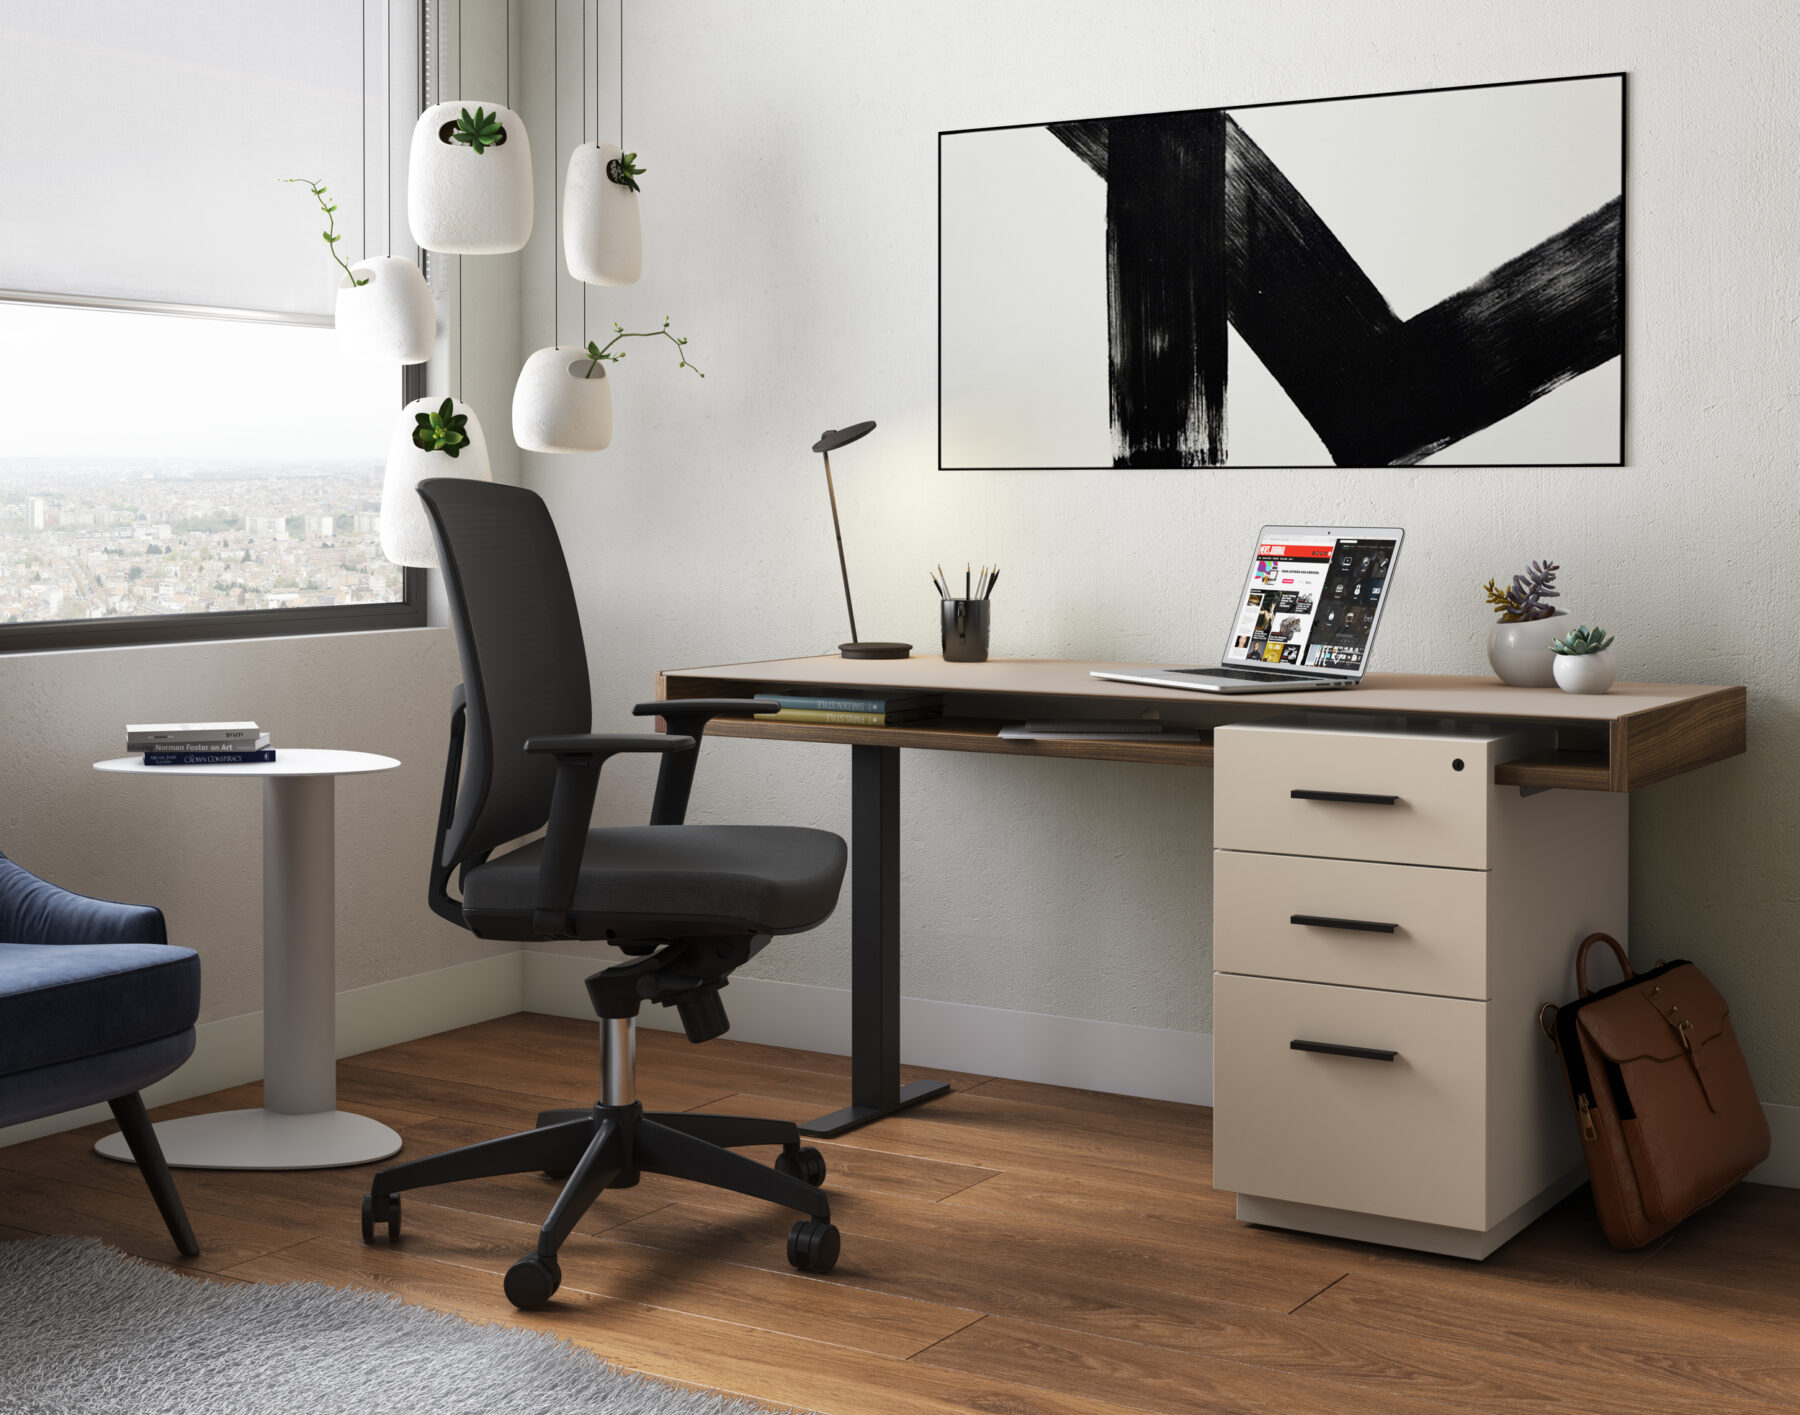 duo_desk_BDI_6241_taupe_pedestal_desk_1